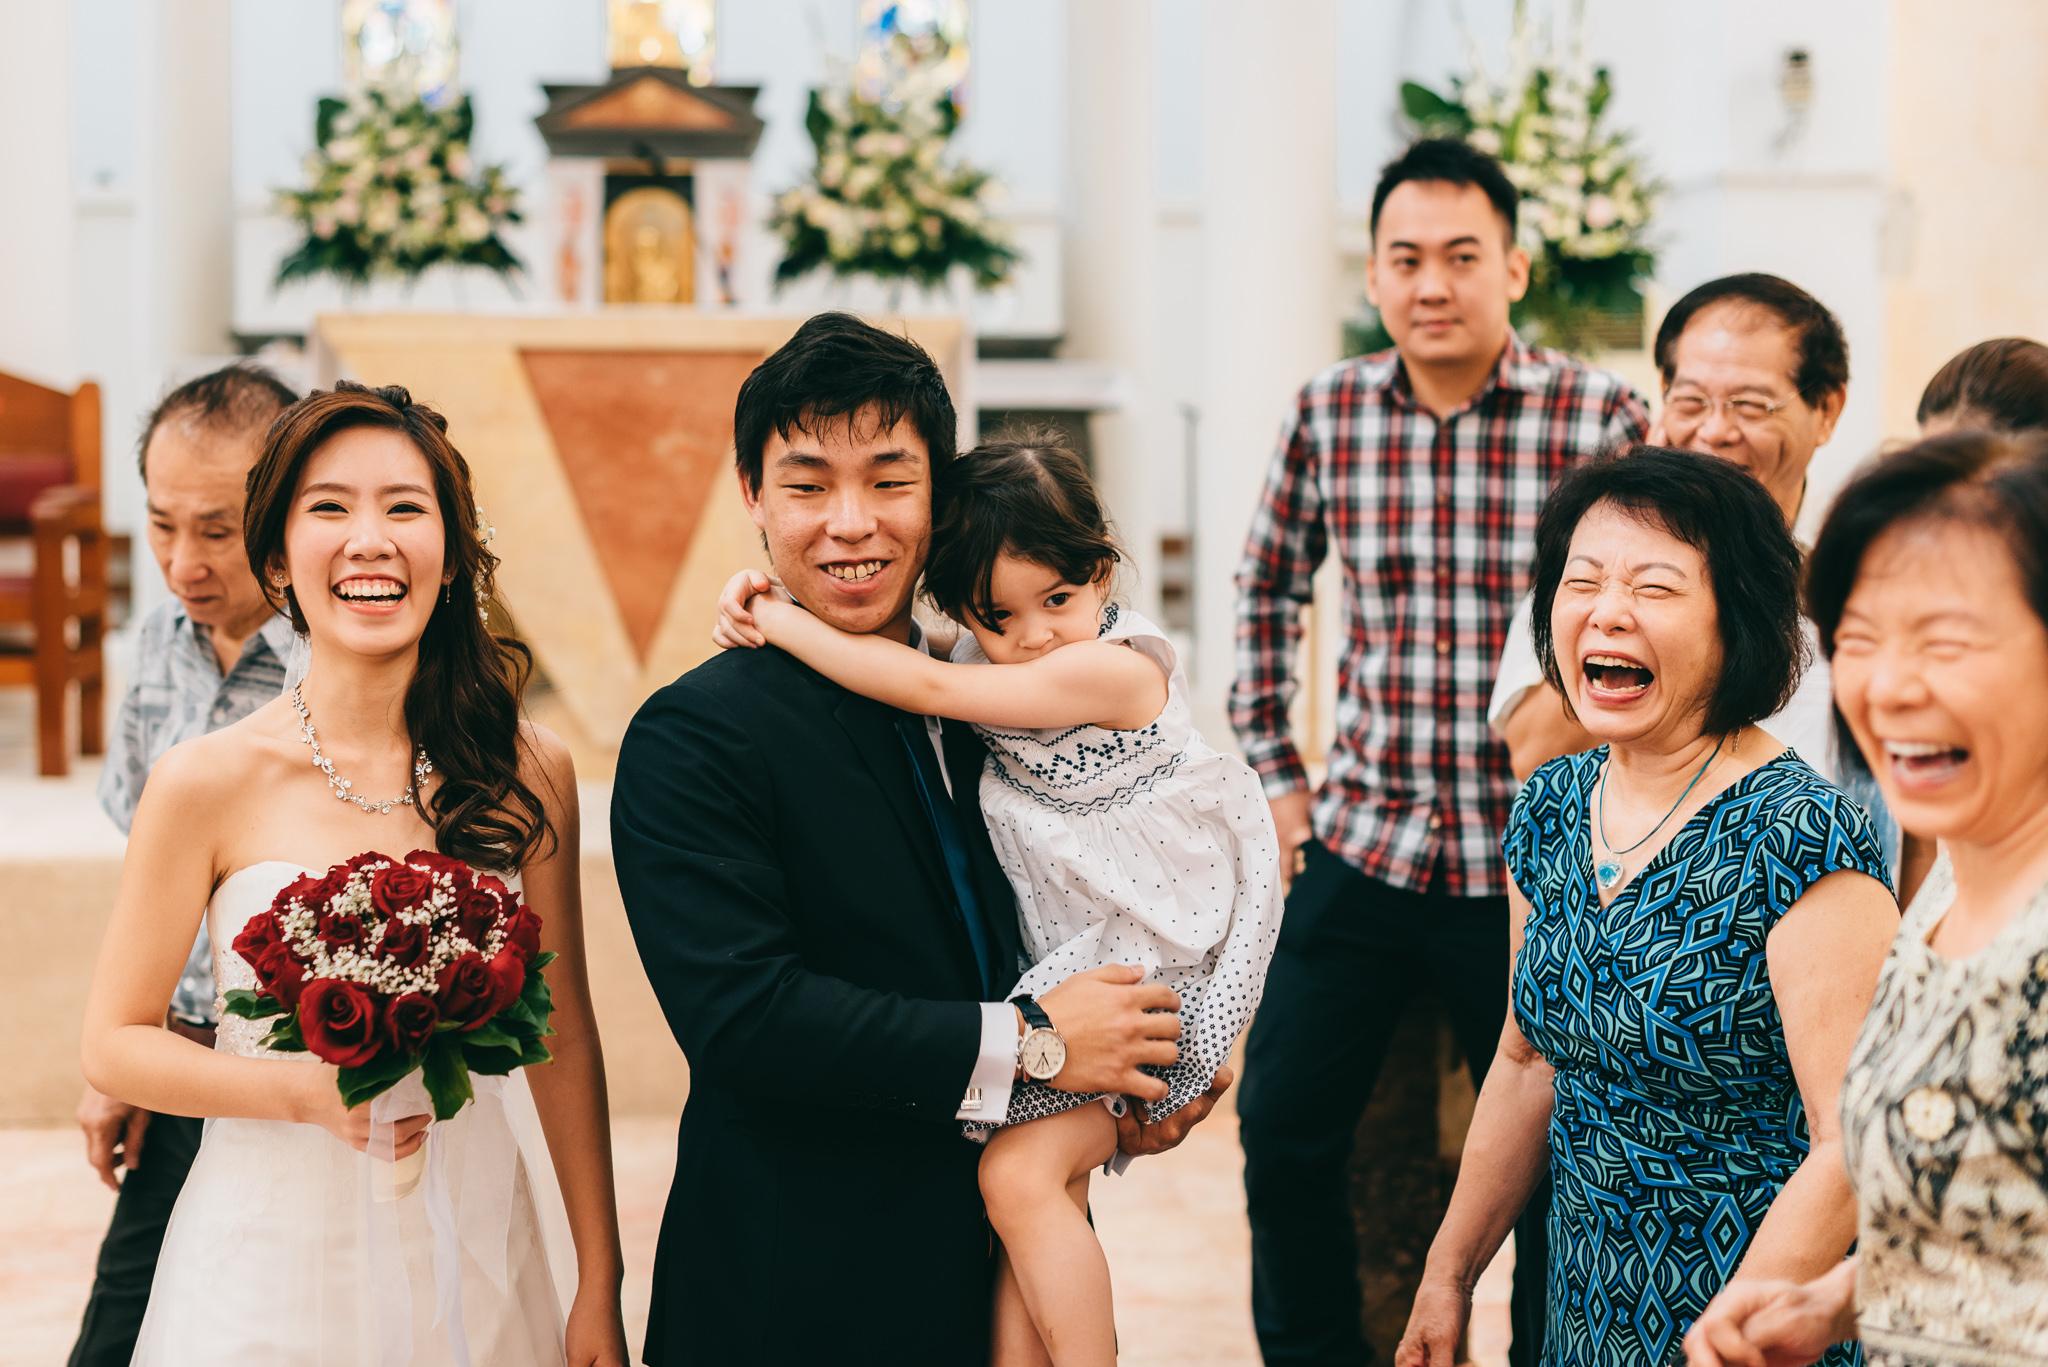 Lionel & Karen Wedding Day Highlights (resized for sharing) - 104.jpg